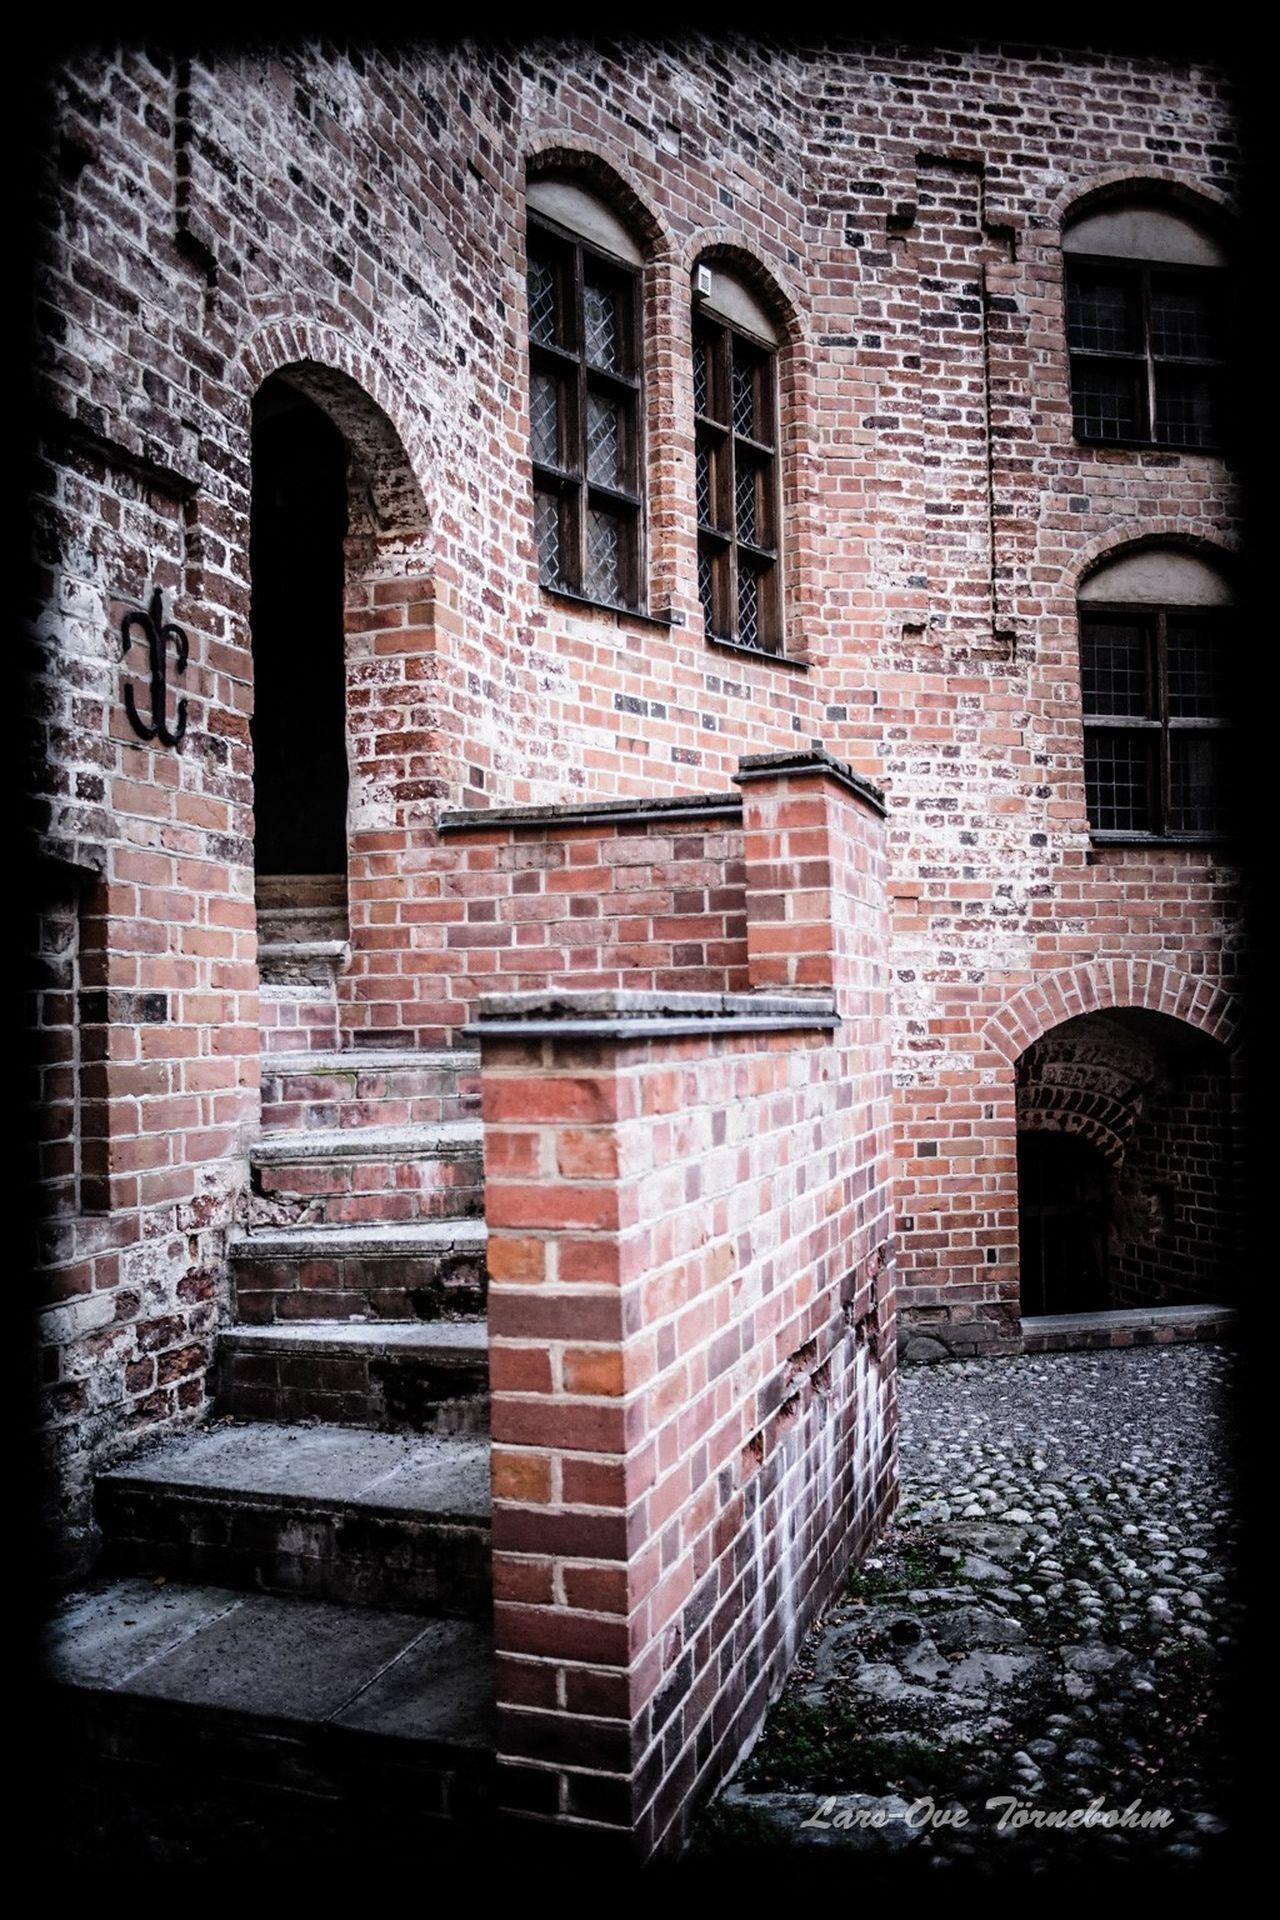 Gripsholm Slott Gripsholm Castle Mariefred Sweden